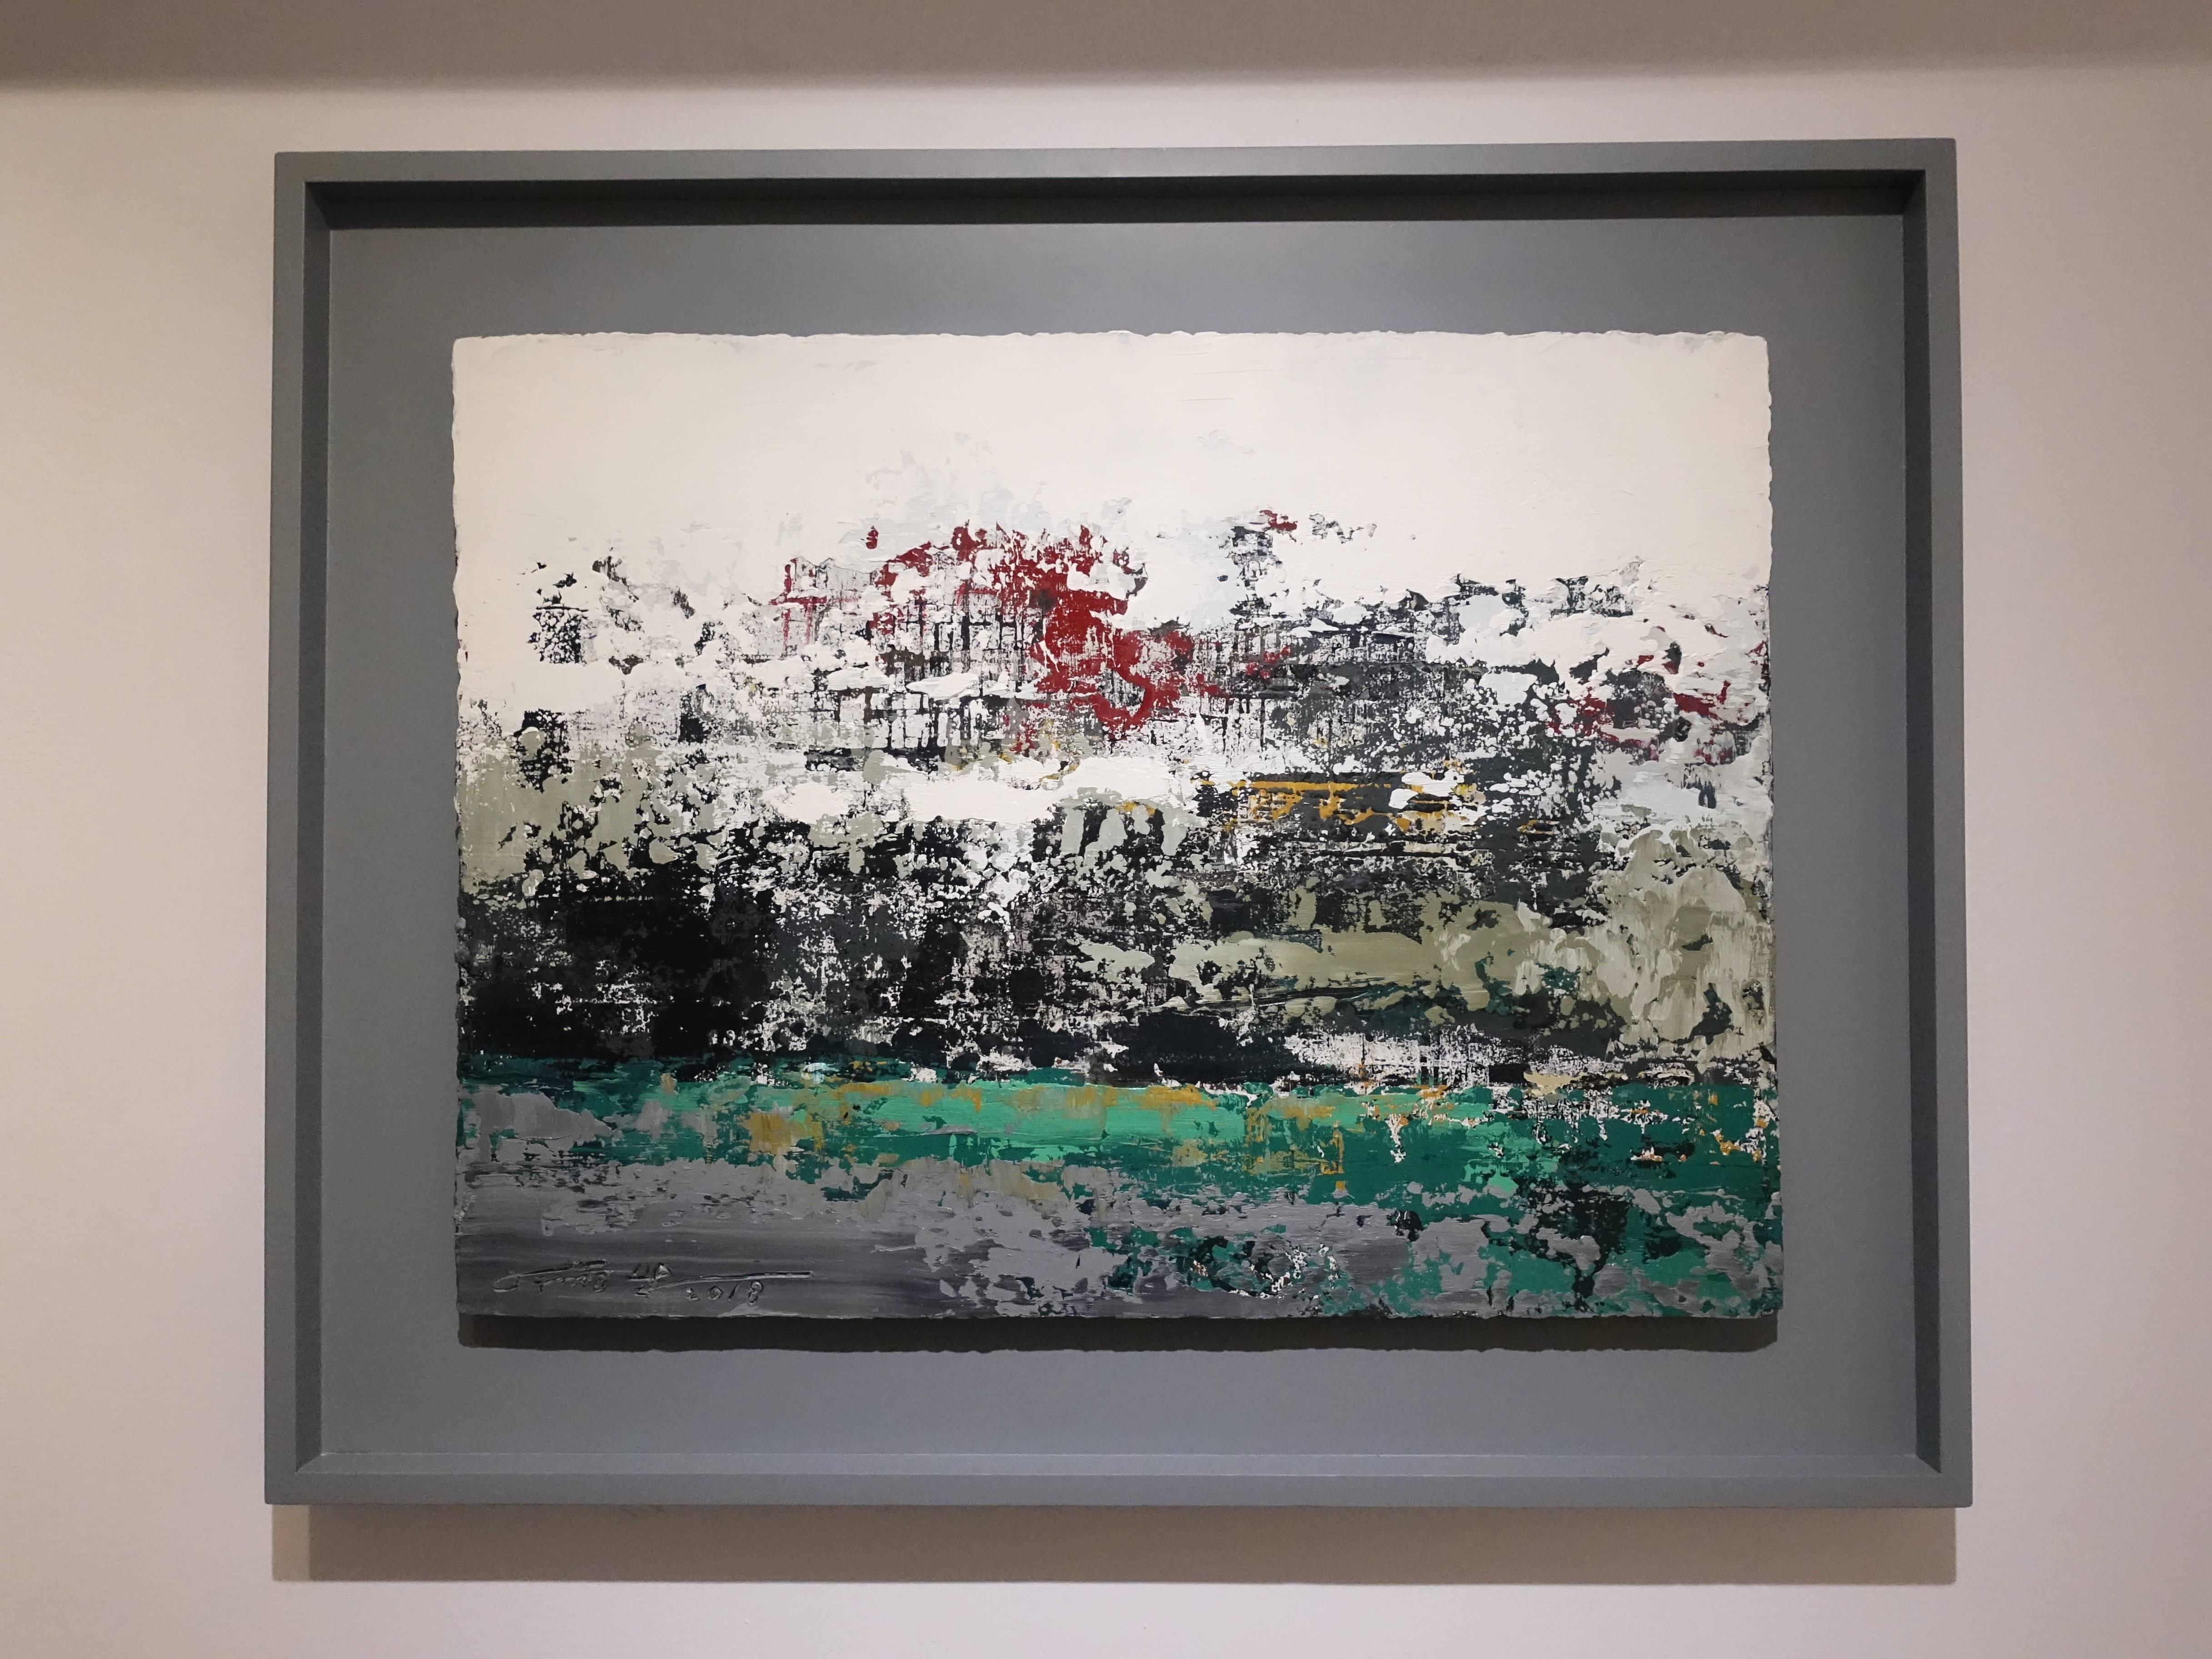 徐明豐,《移動的風景之三》,39 x 51 cm,複合媒材,2018。